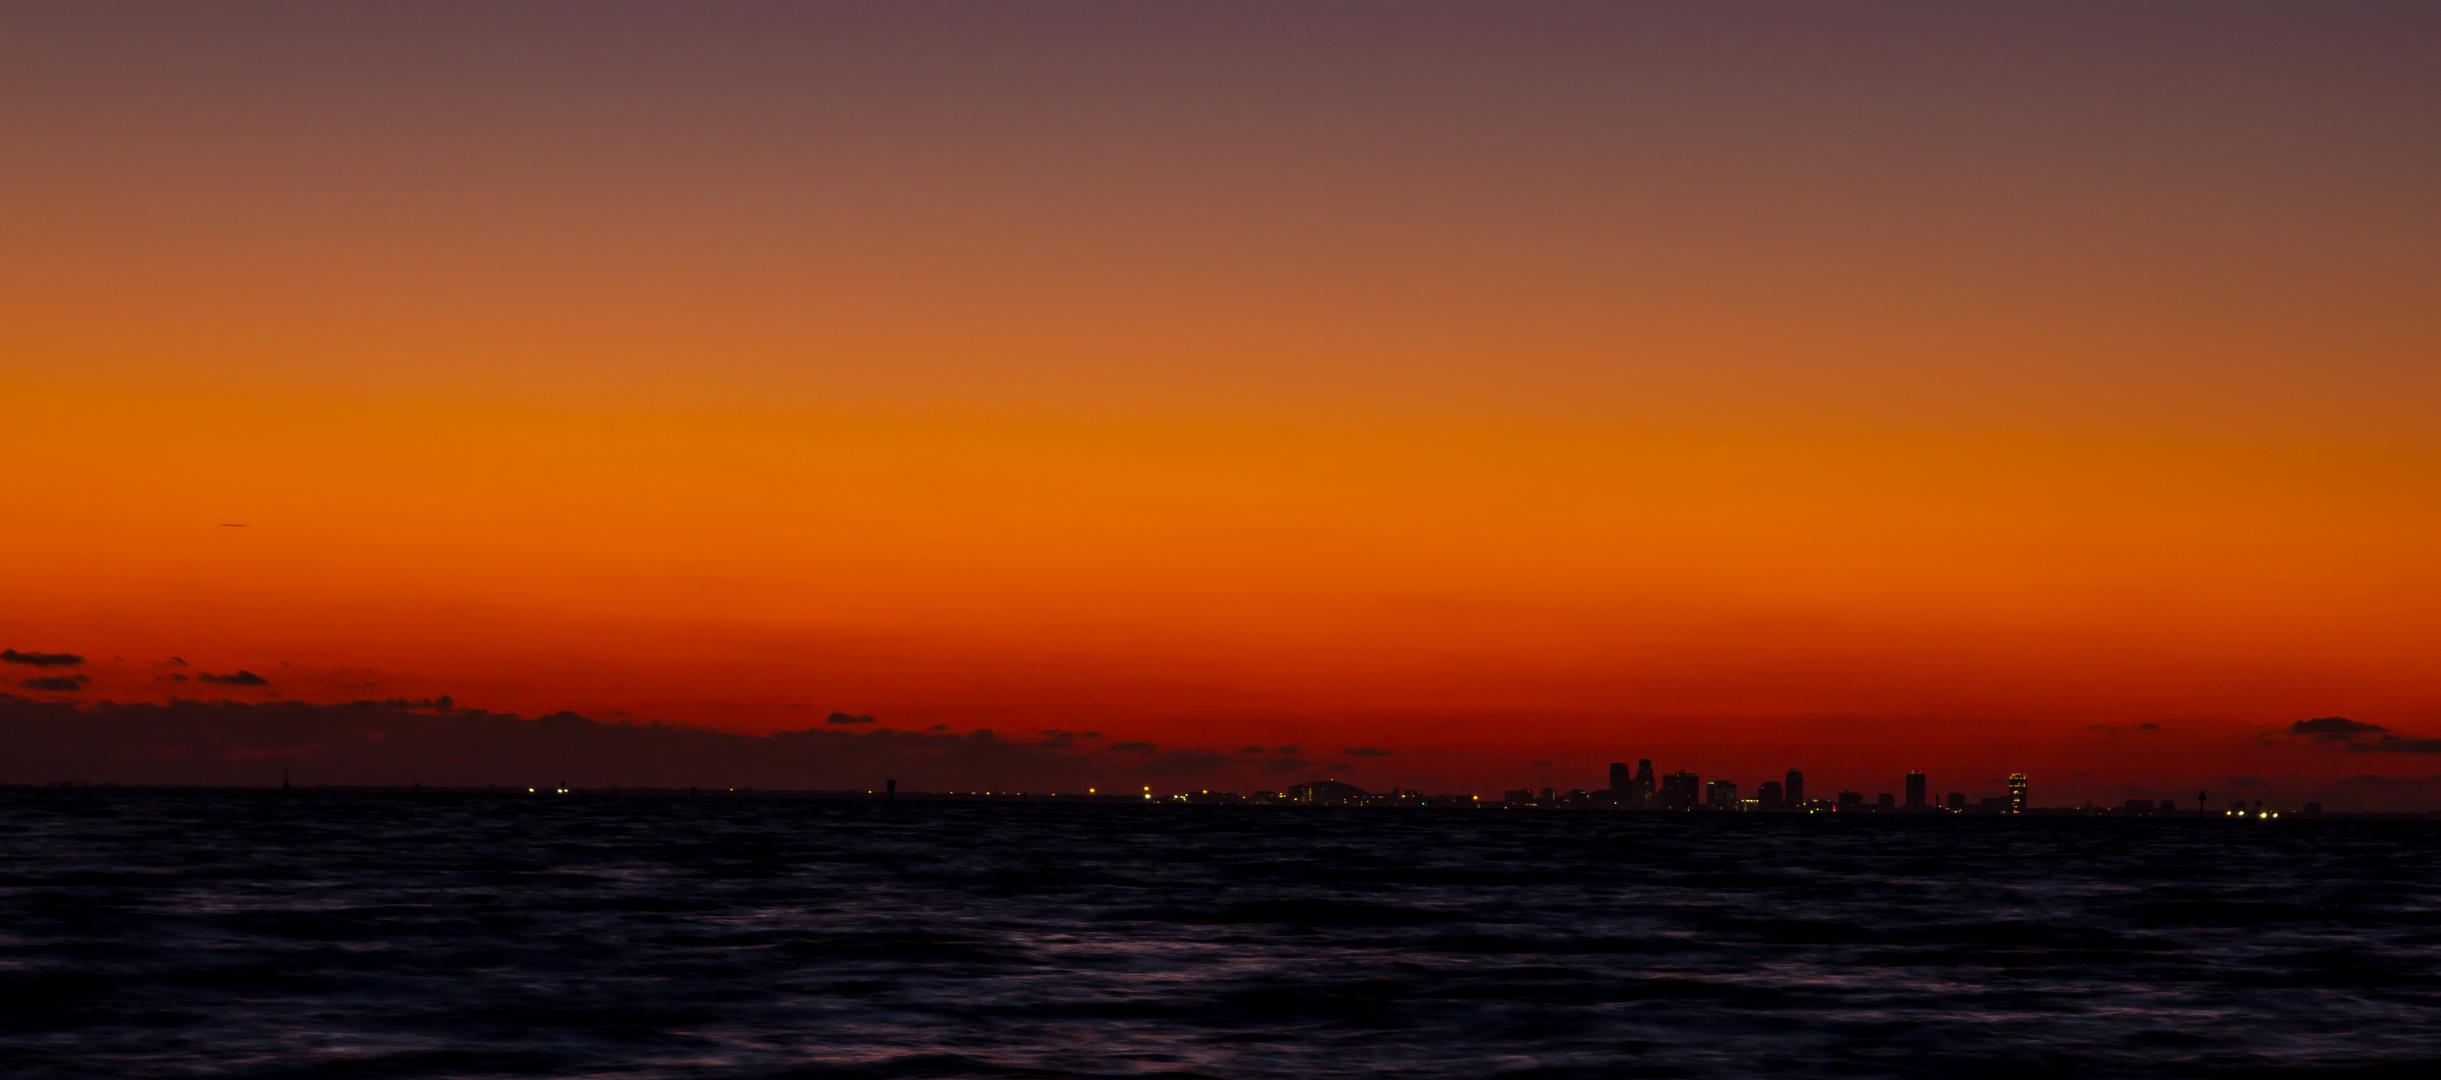 Sunset in Saint Petersburg/Tampa, Florida